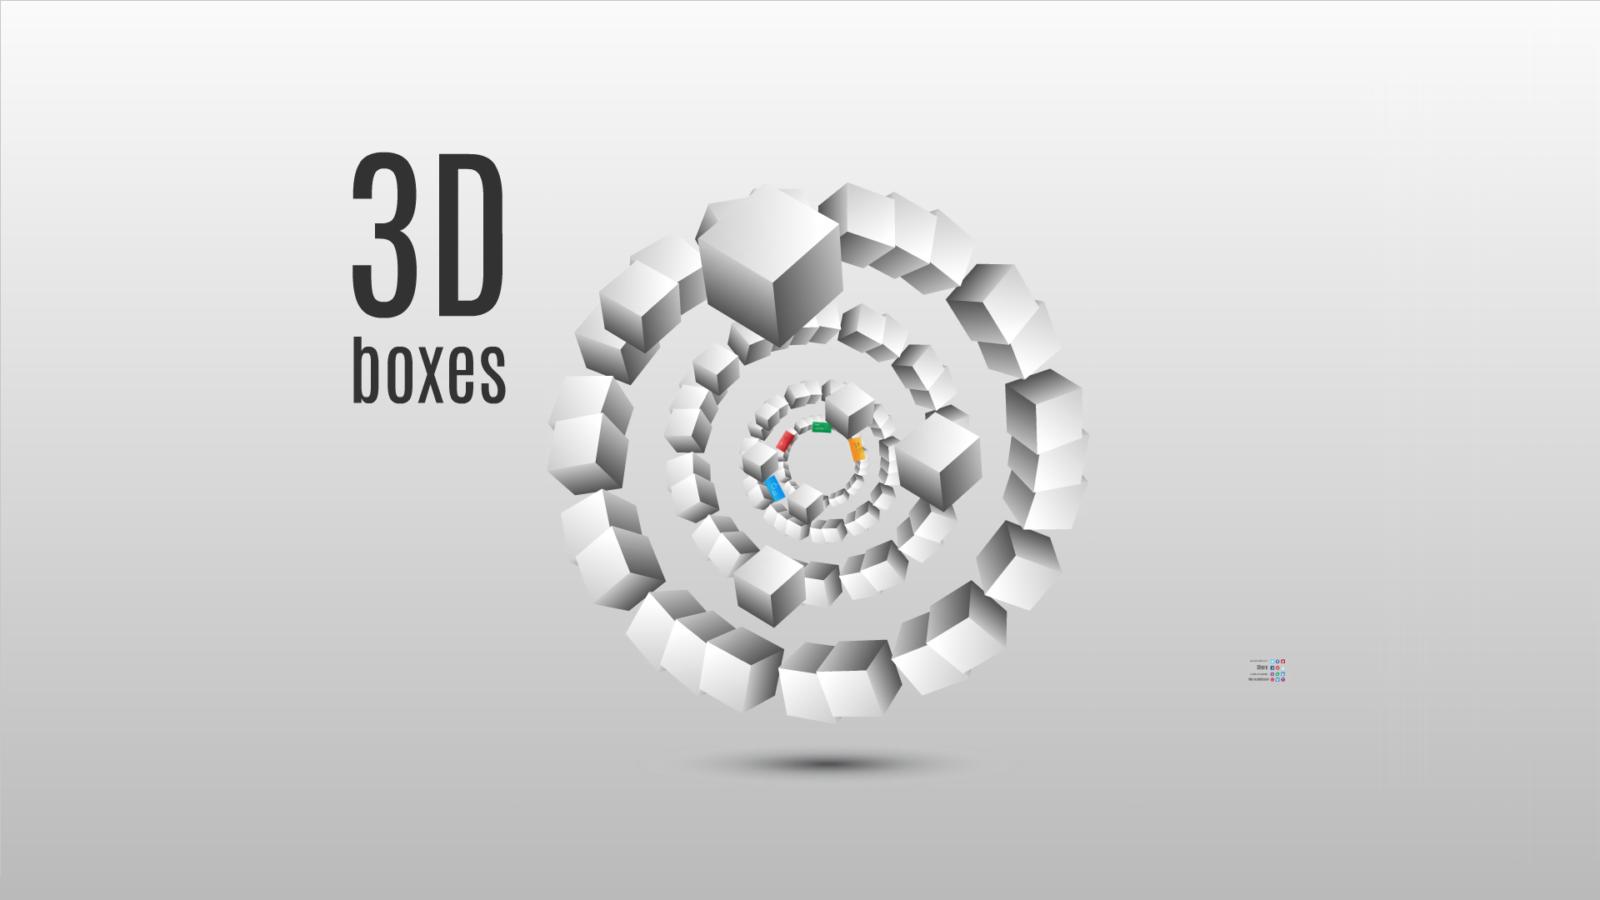 3D boxes Prezi template